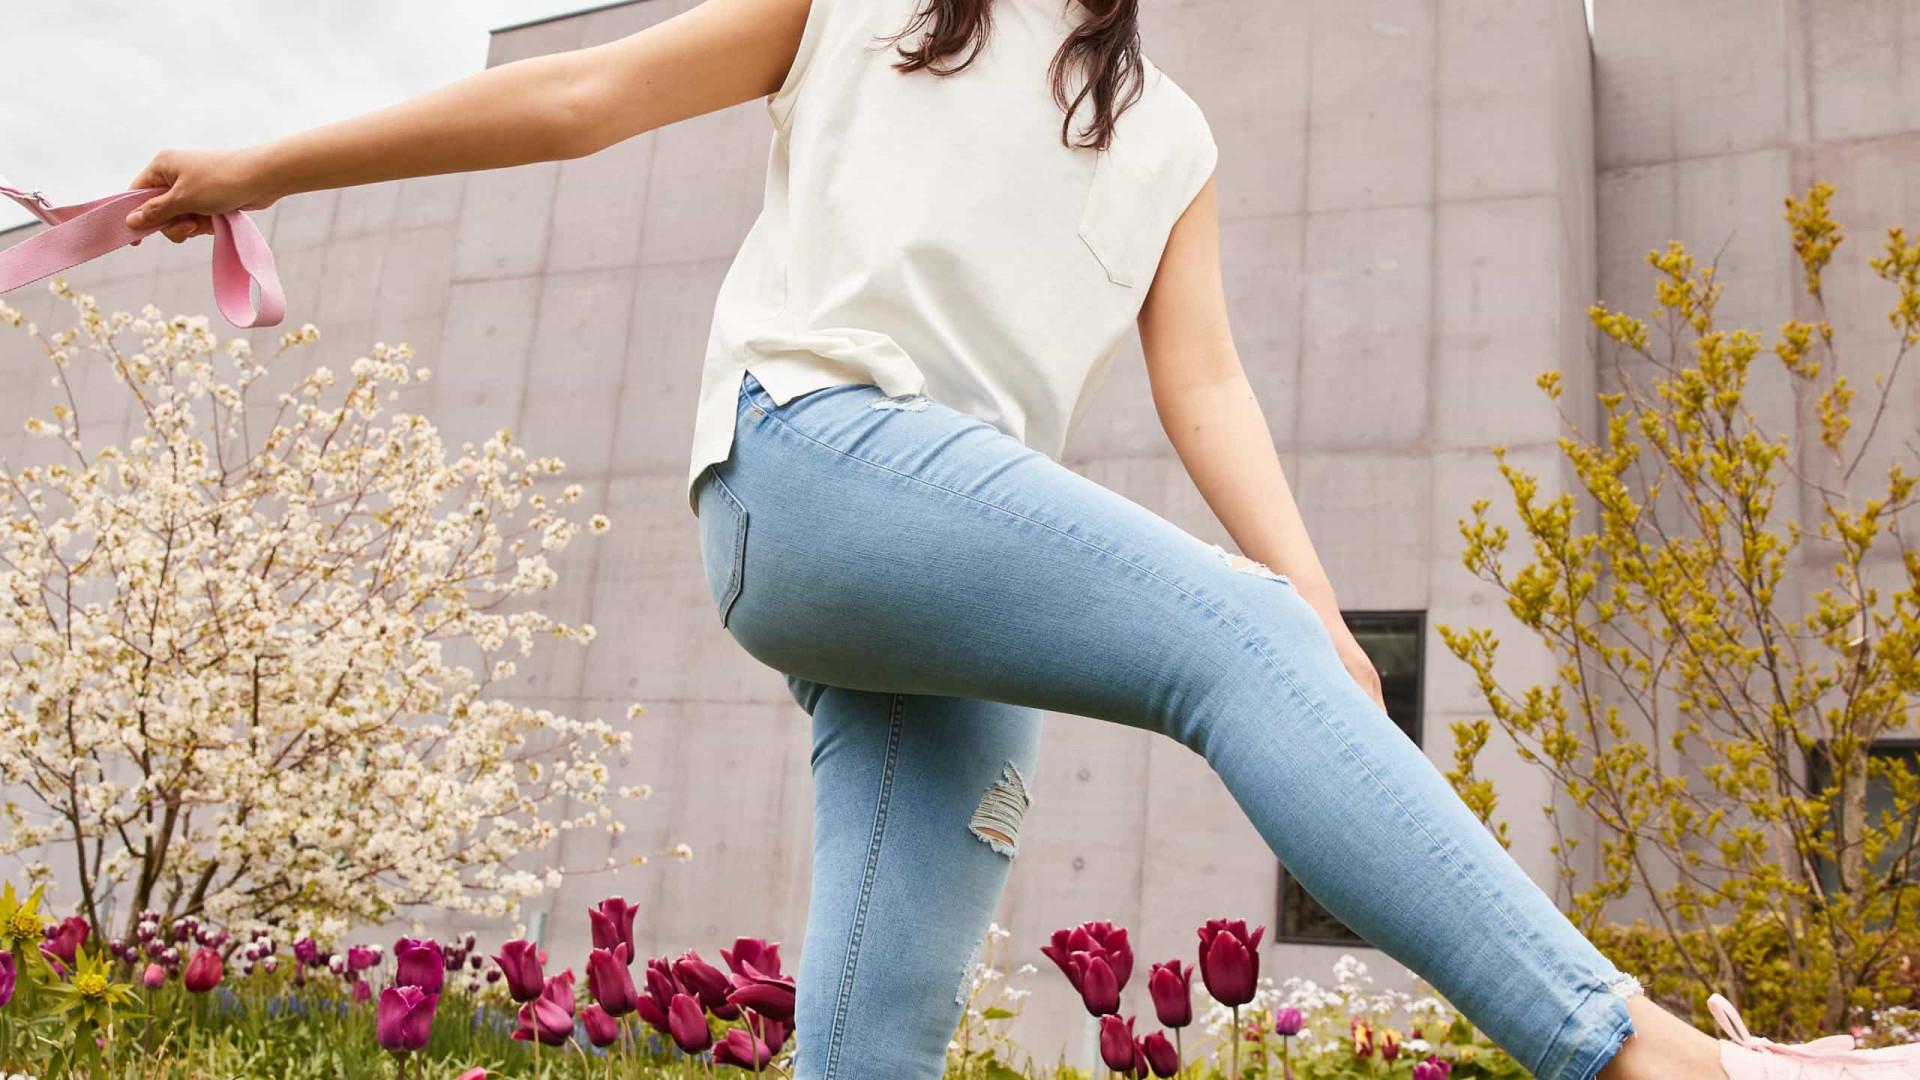 Os skinny jeans estão de volta, mas com um toque mais sustentável